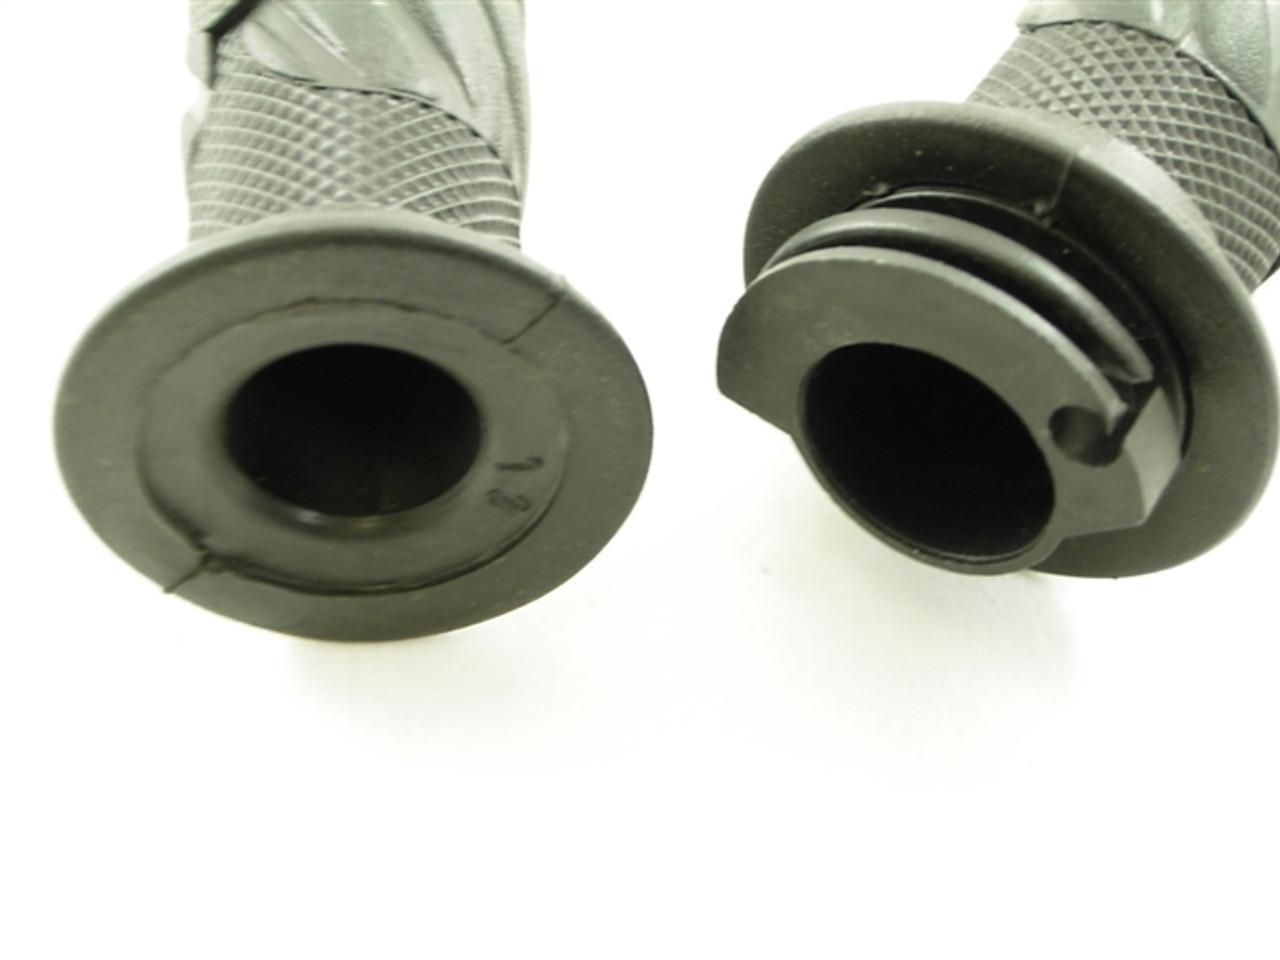 hand grip /throttle grip 10345-a20-3